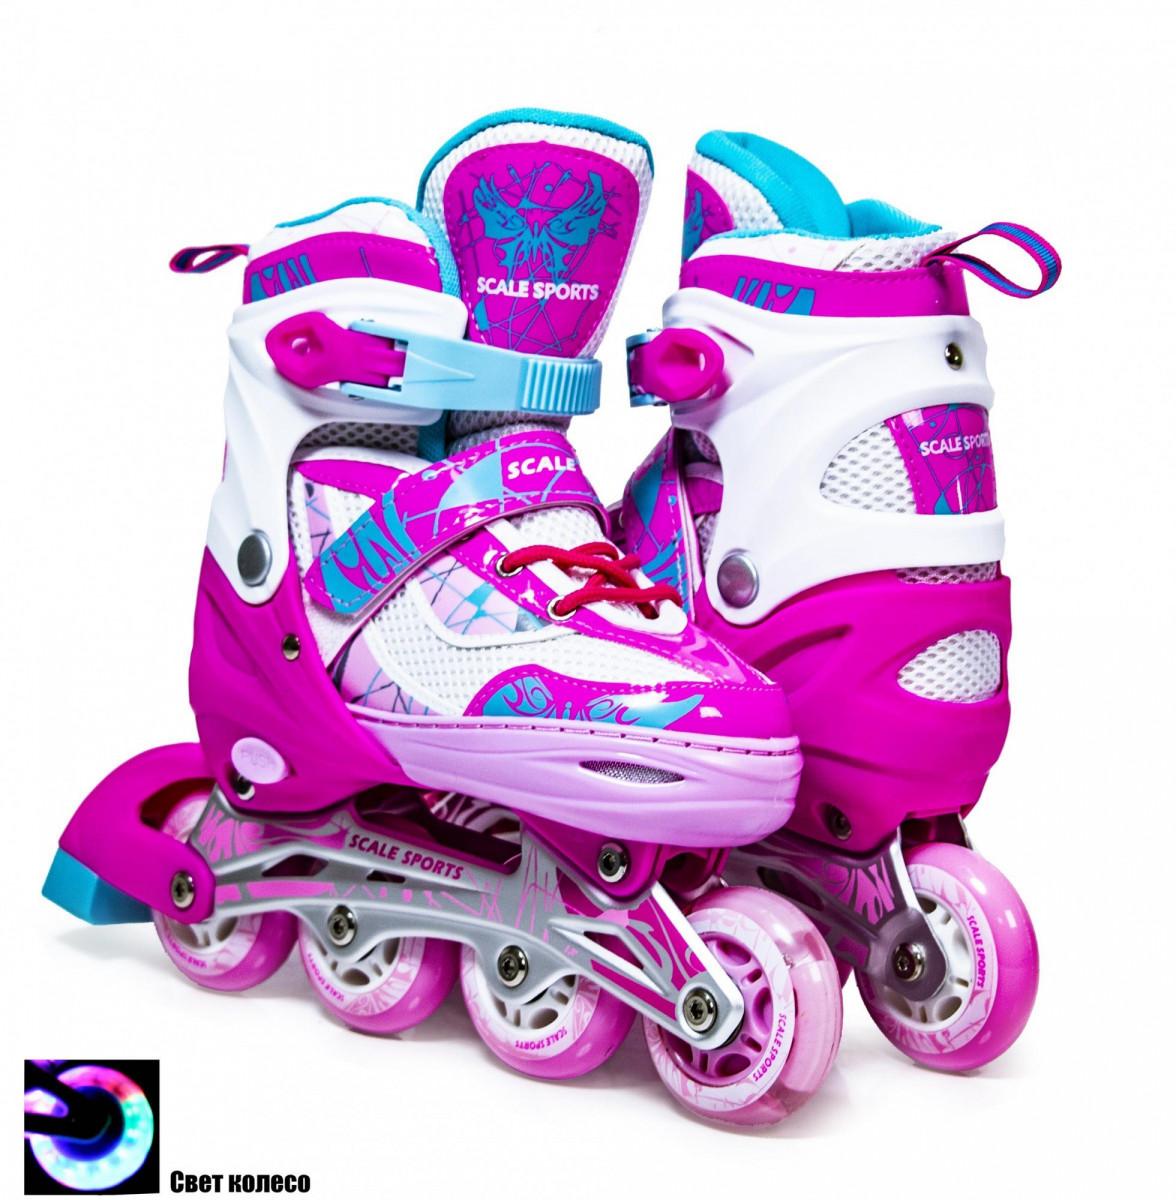 Раздвижные детские роликовые коньки Scale Sports LF 967, размер 38-41, Розовые